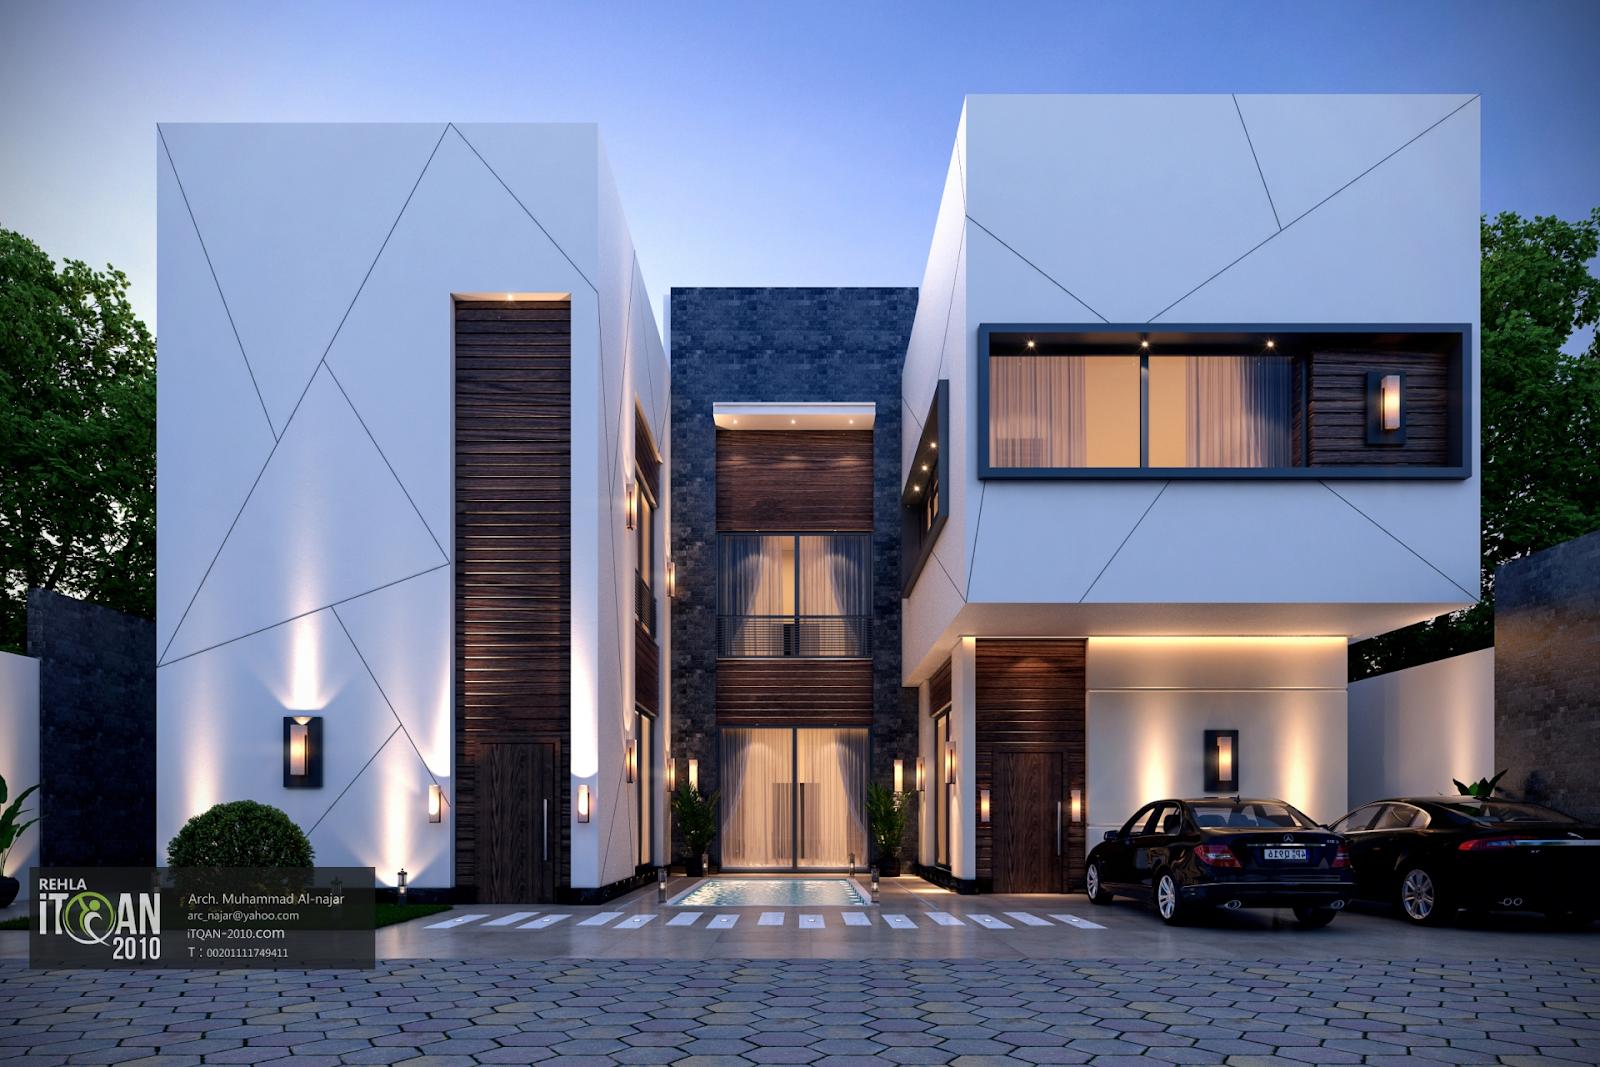 Mẫu biệt thự 2 tầng hiện đại có bố cục tự do cùng lối thiết kế tối giản